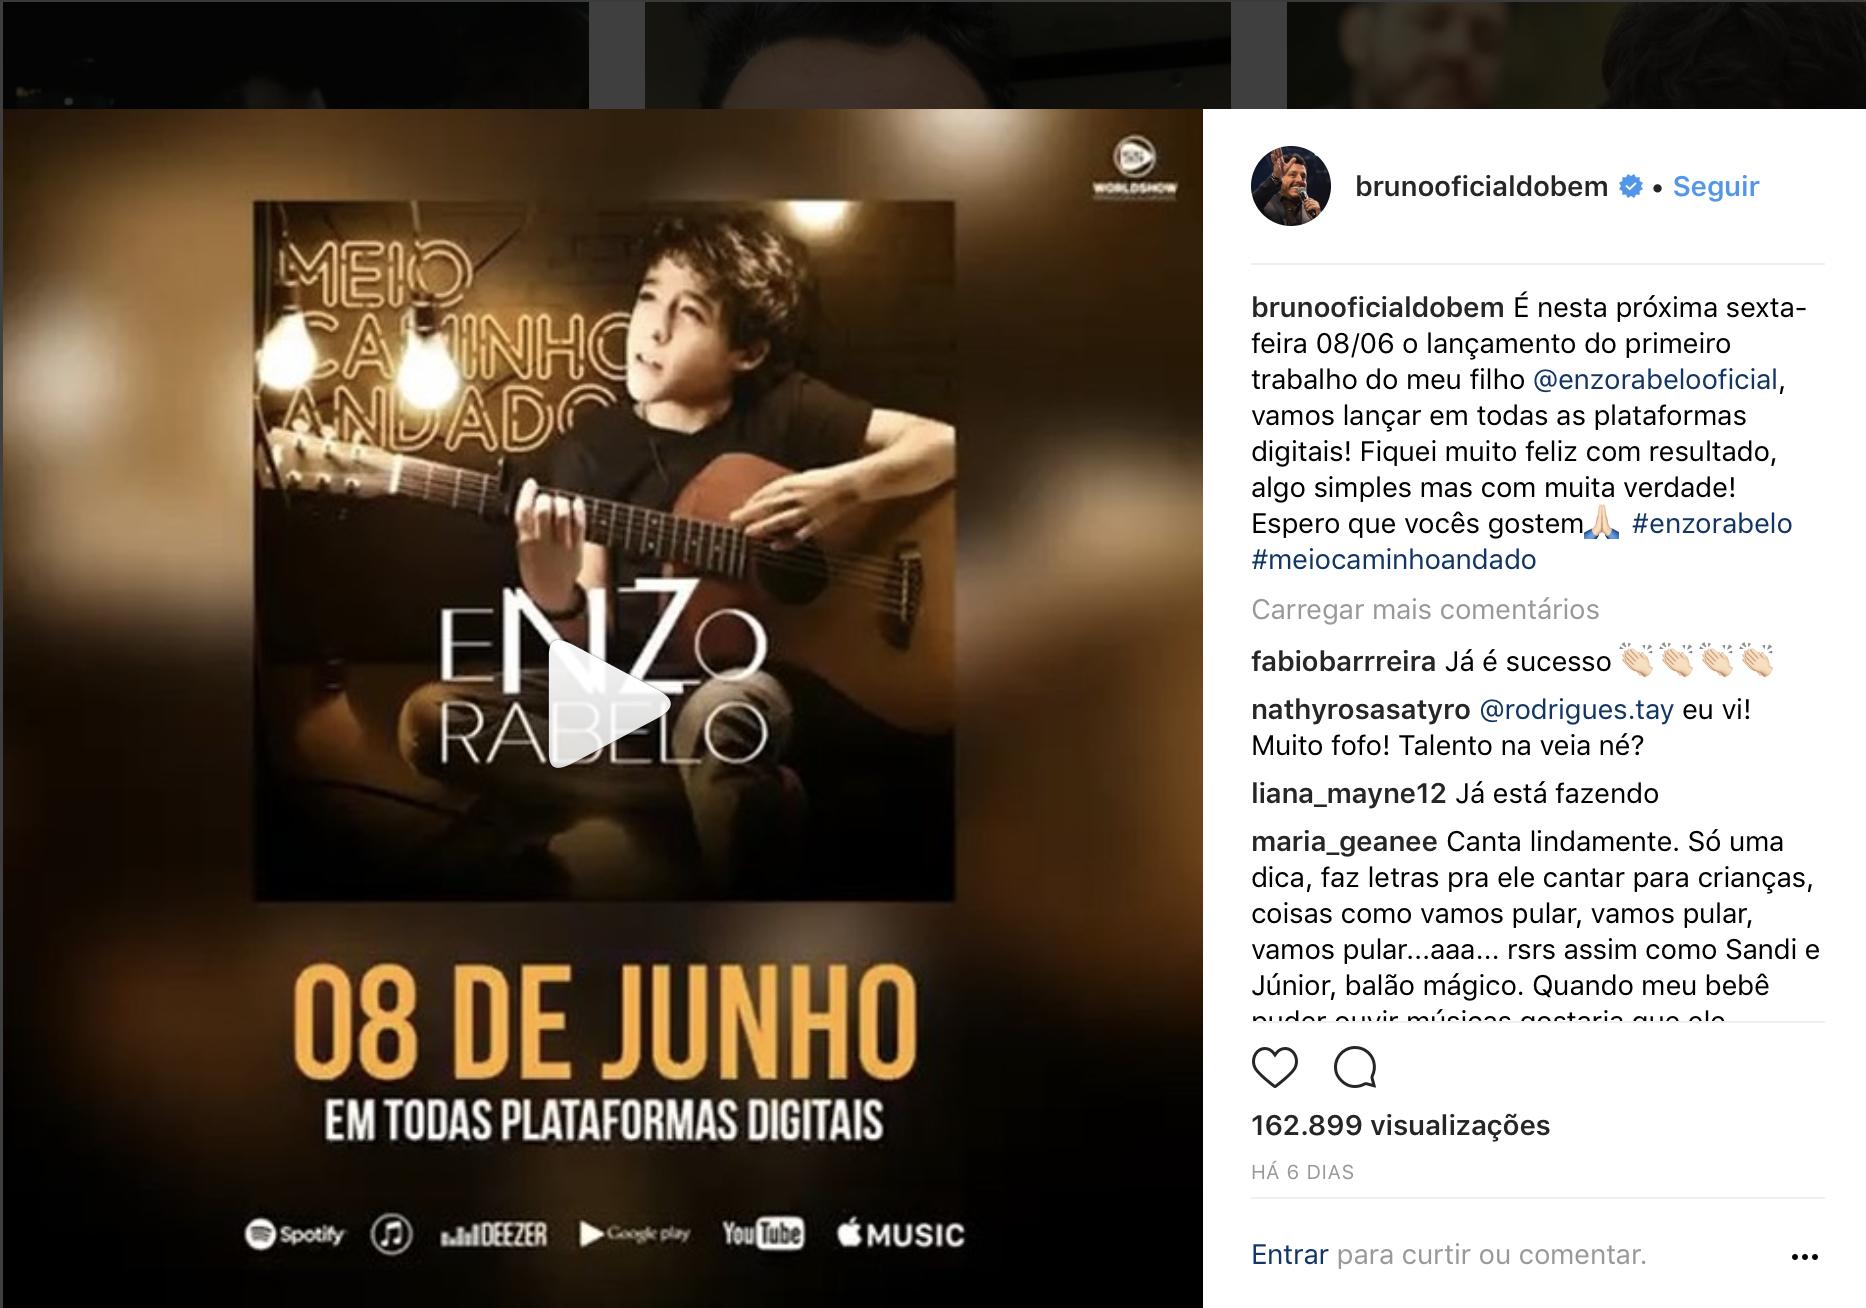 Enzo, filho do cantor Bruno, da dupla com Marrone, lança seu primeiro single